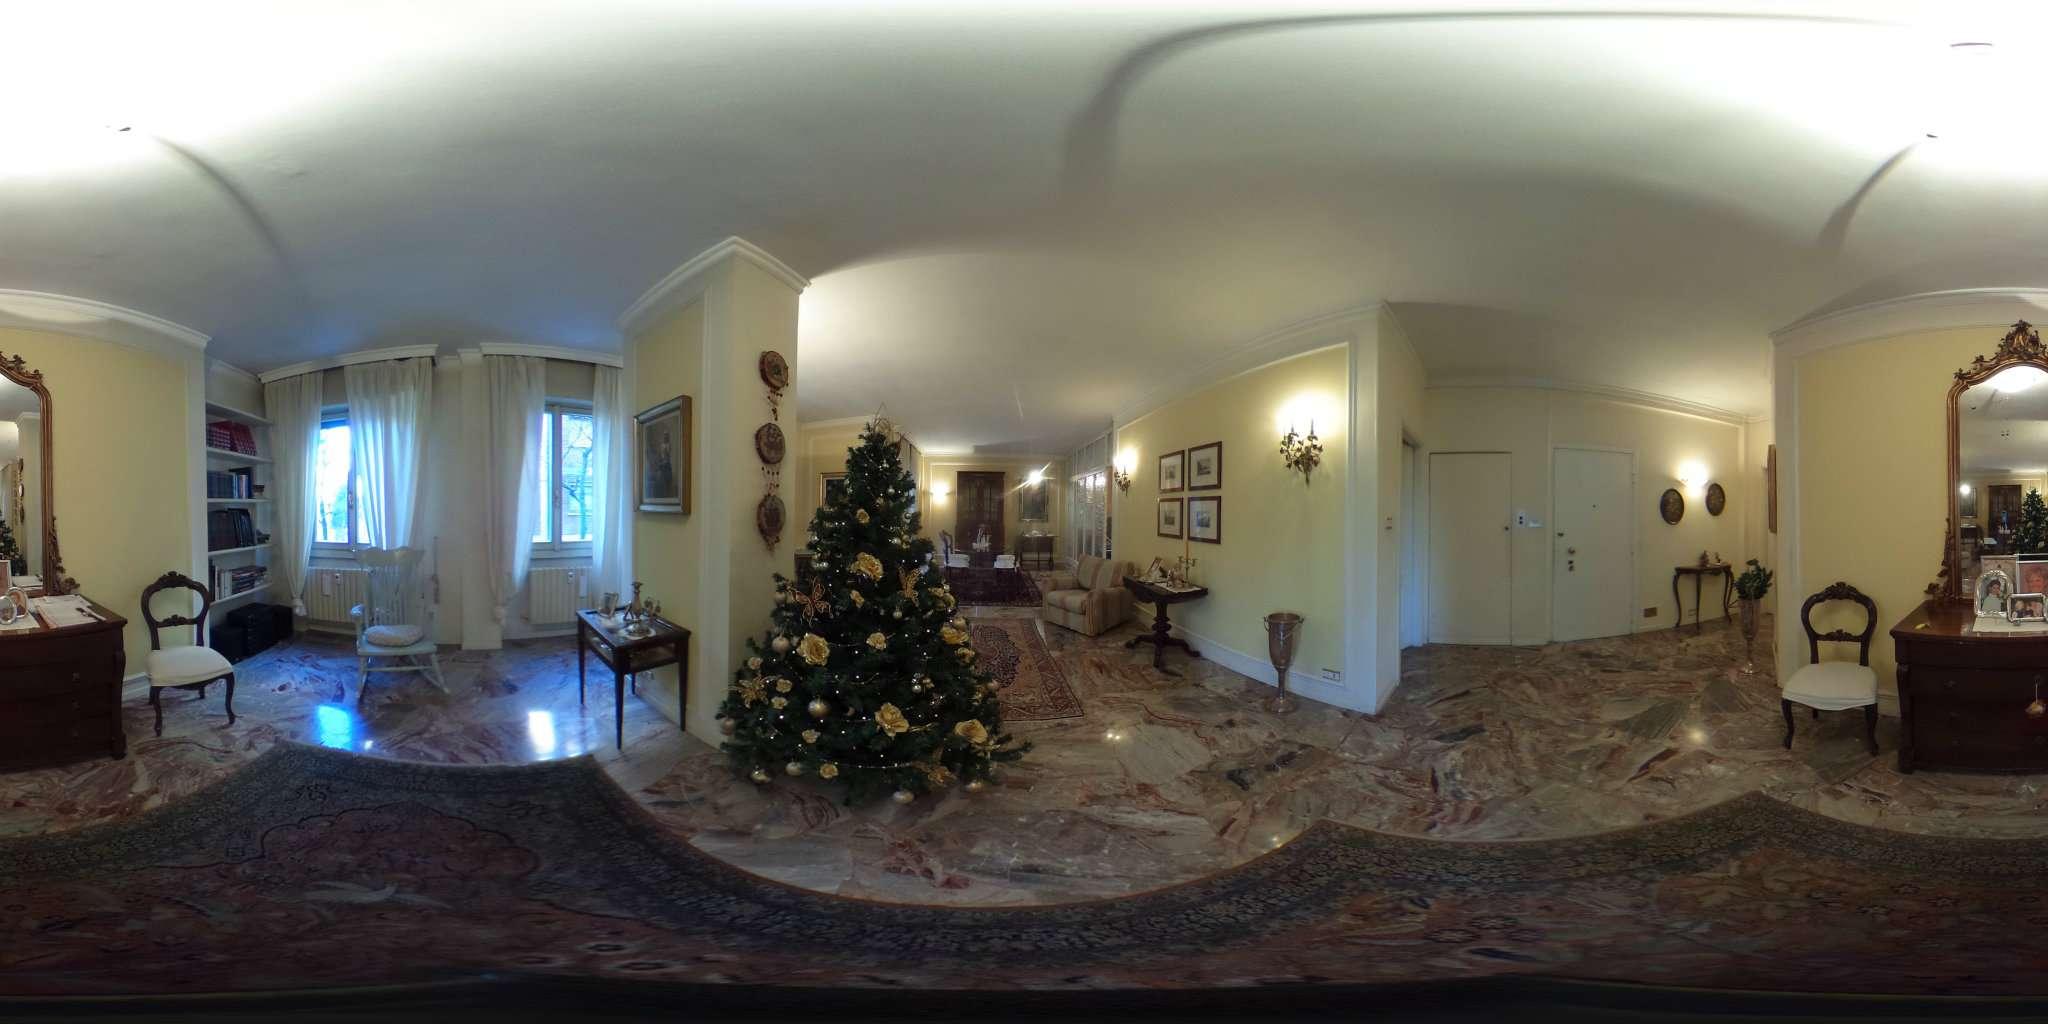 Appartamento in vendita a Cinisello Balsamo, 4 locali, prezzo € 245.000 | CambioCasa.it